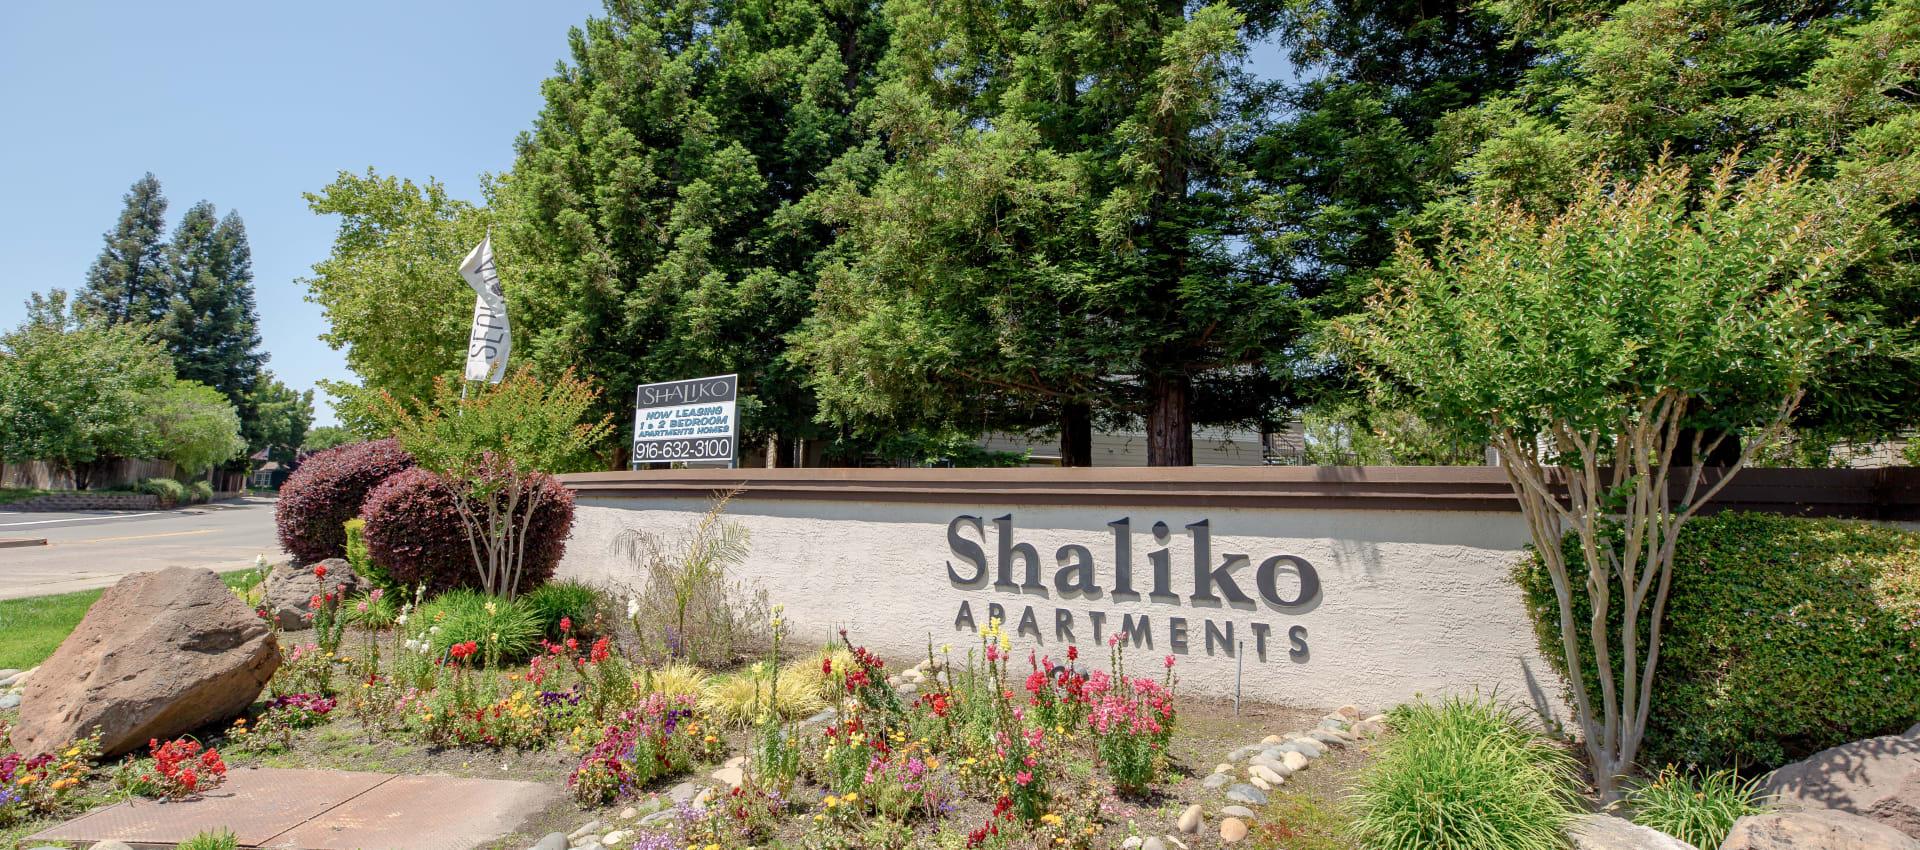 Signage at Shaliko in Rocklin, California.